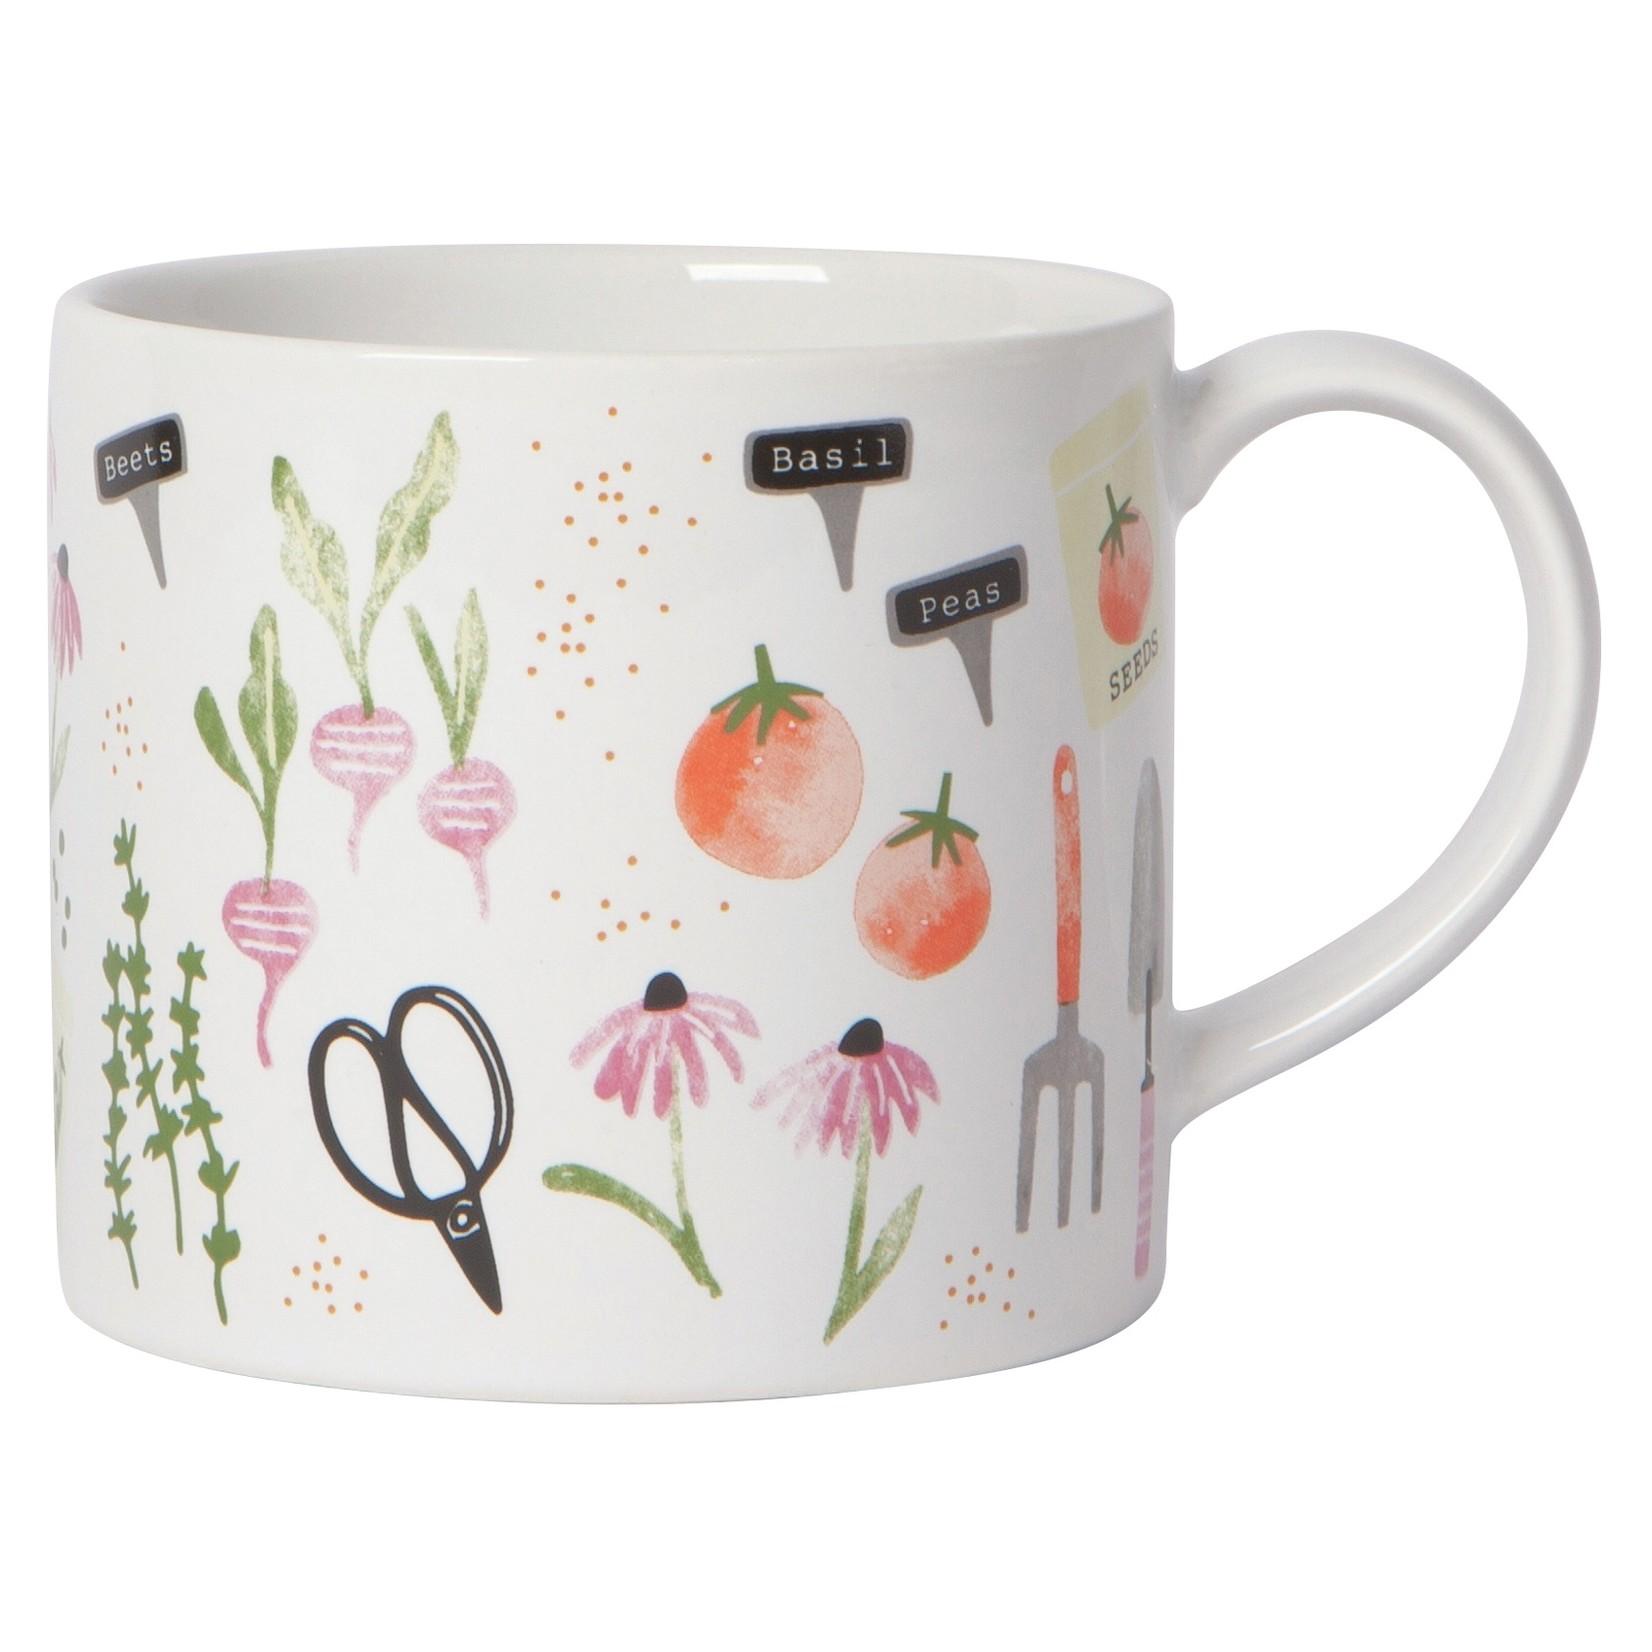 Jubilee Mug In A Box